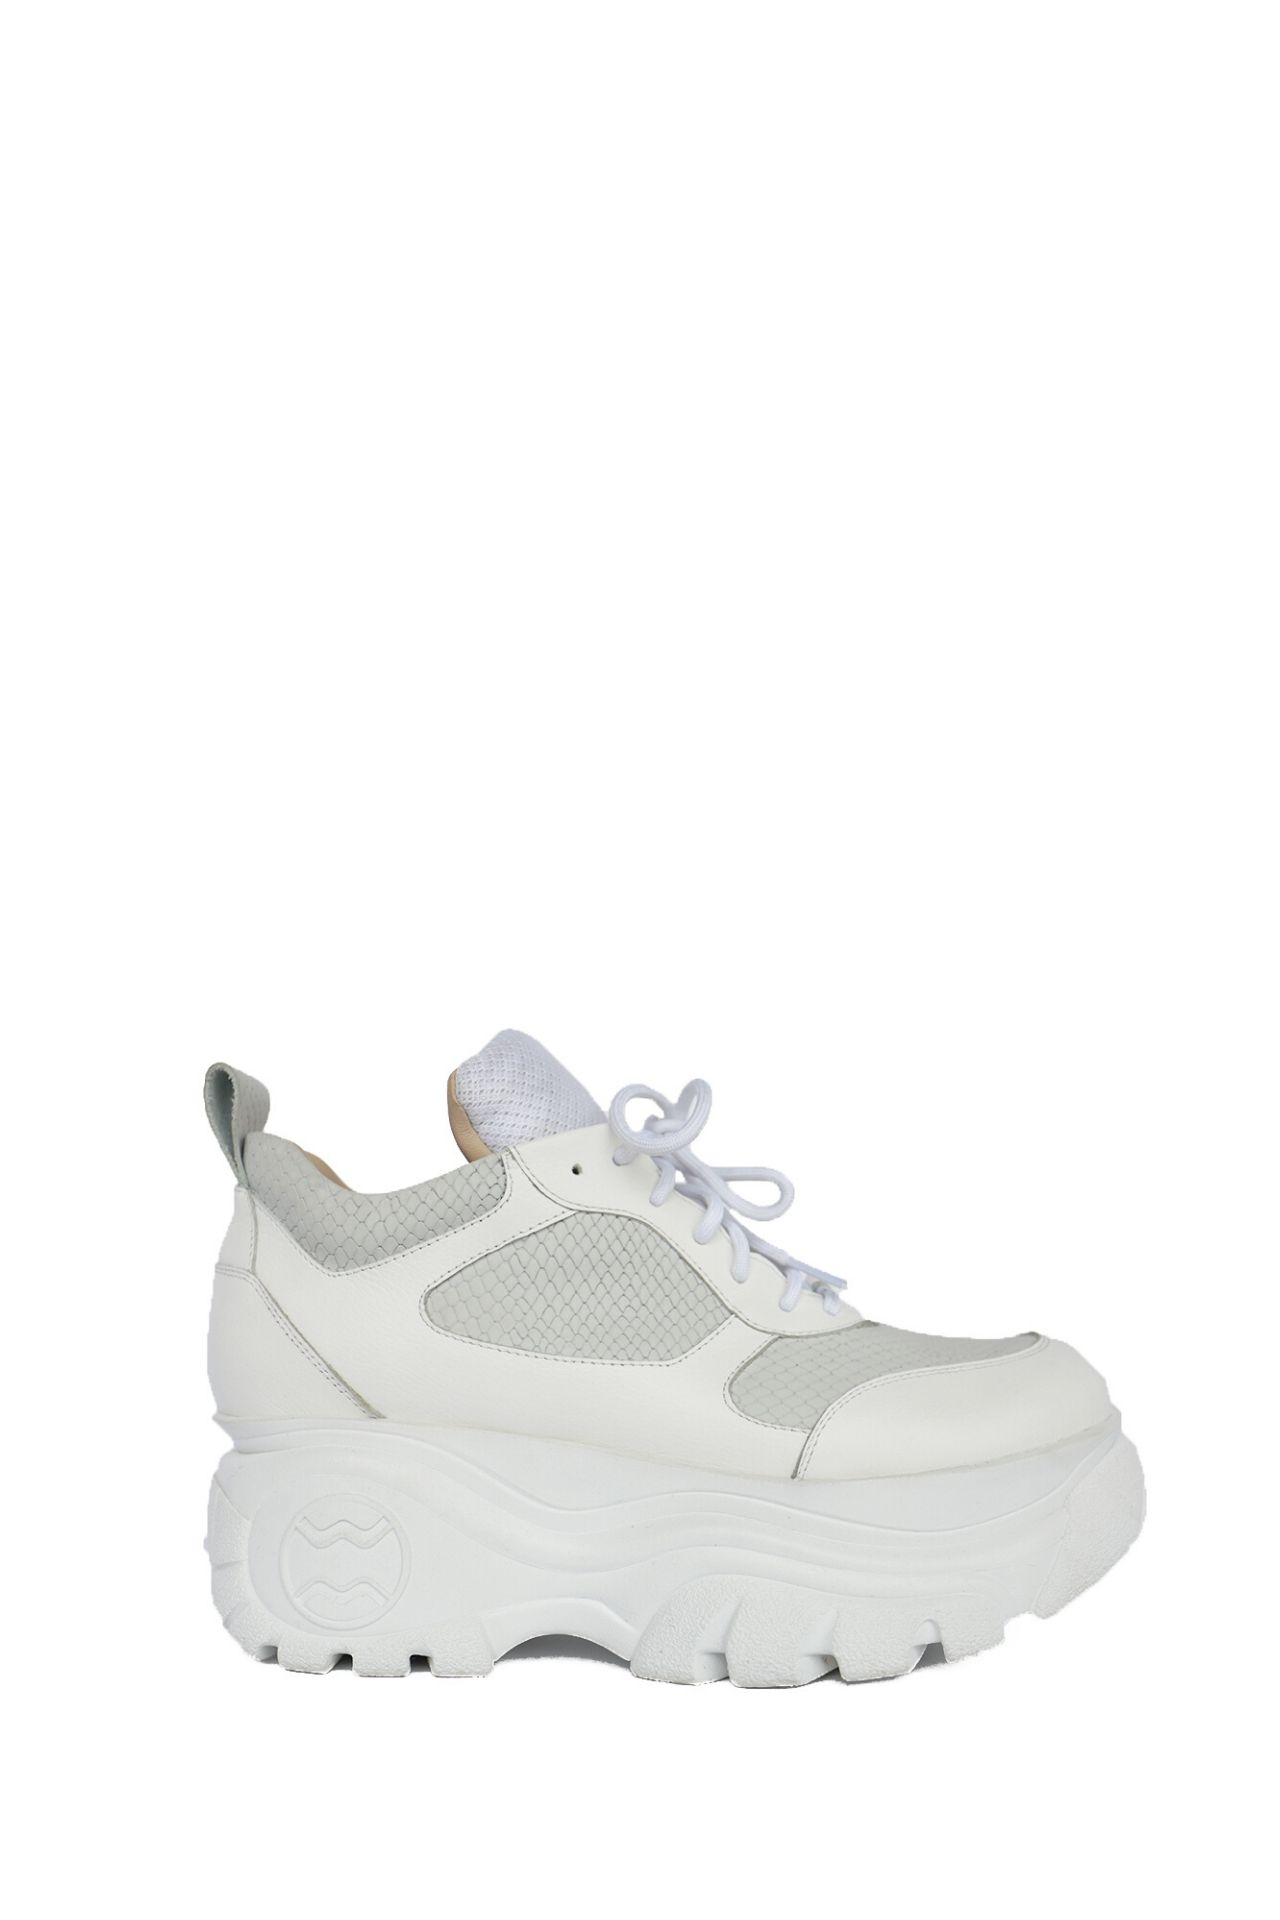 Zapatillas Chunky hechas a base de cuero al 100% con suelas importadas.  Modelo exclusivo y con stock limitado.  Alto de la suela: 6 cms.  La horma es exacta. En este producto serías la misma talla que usas normalmente.